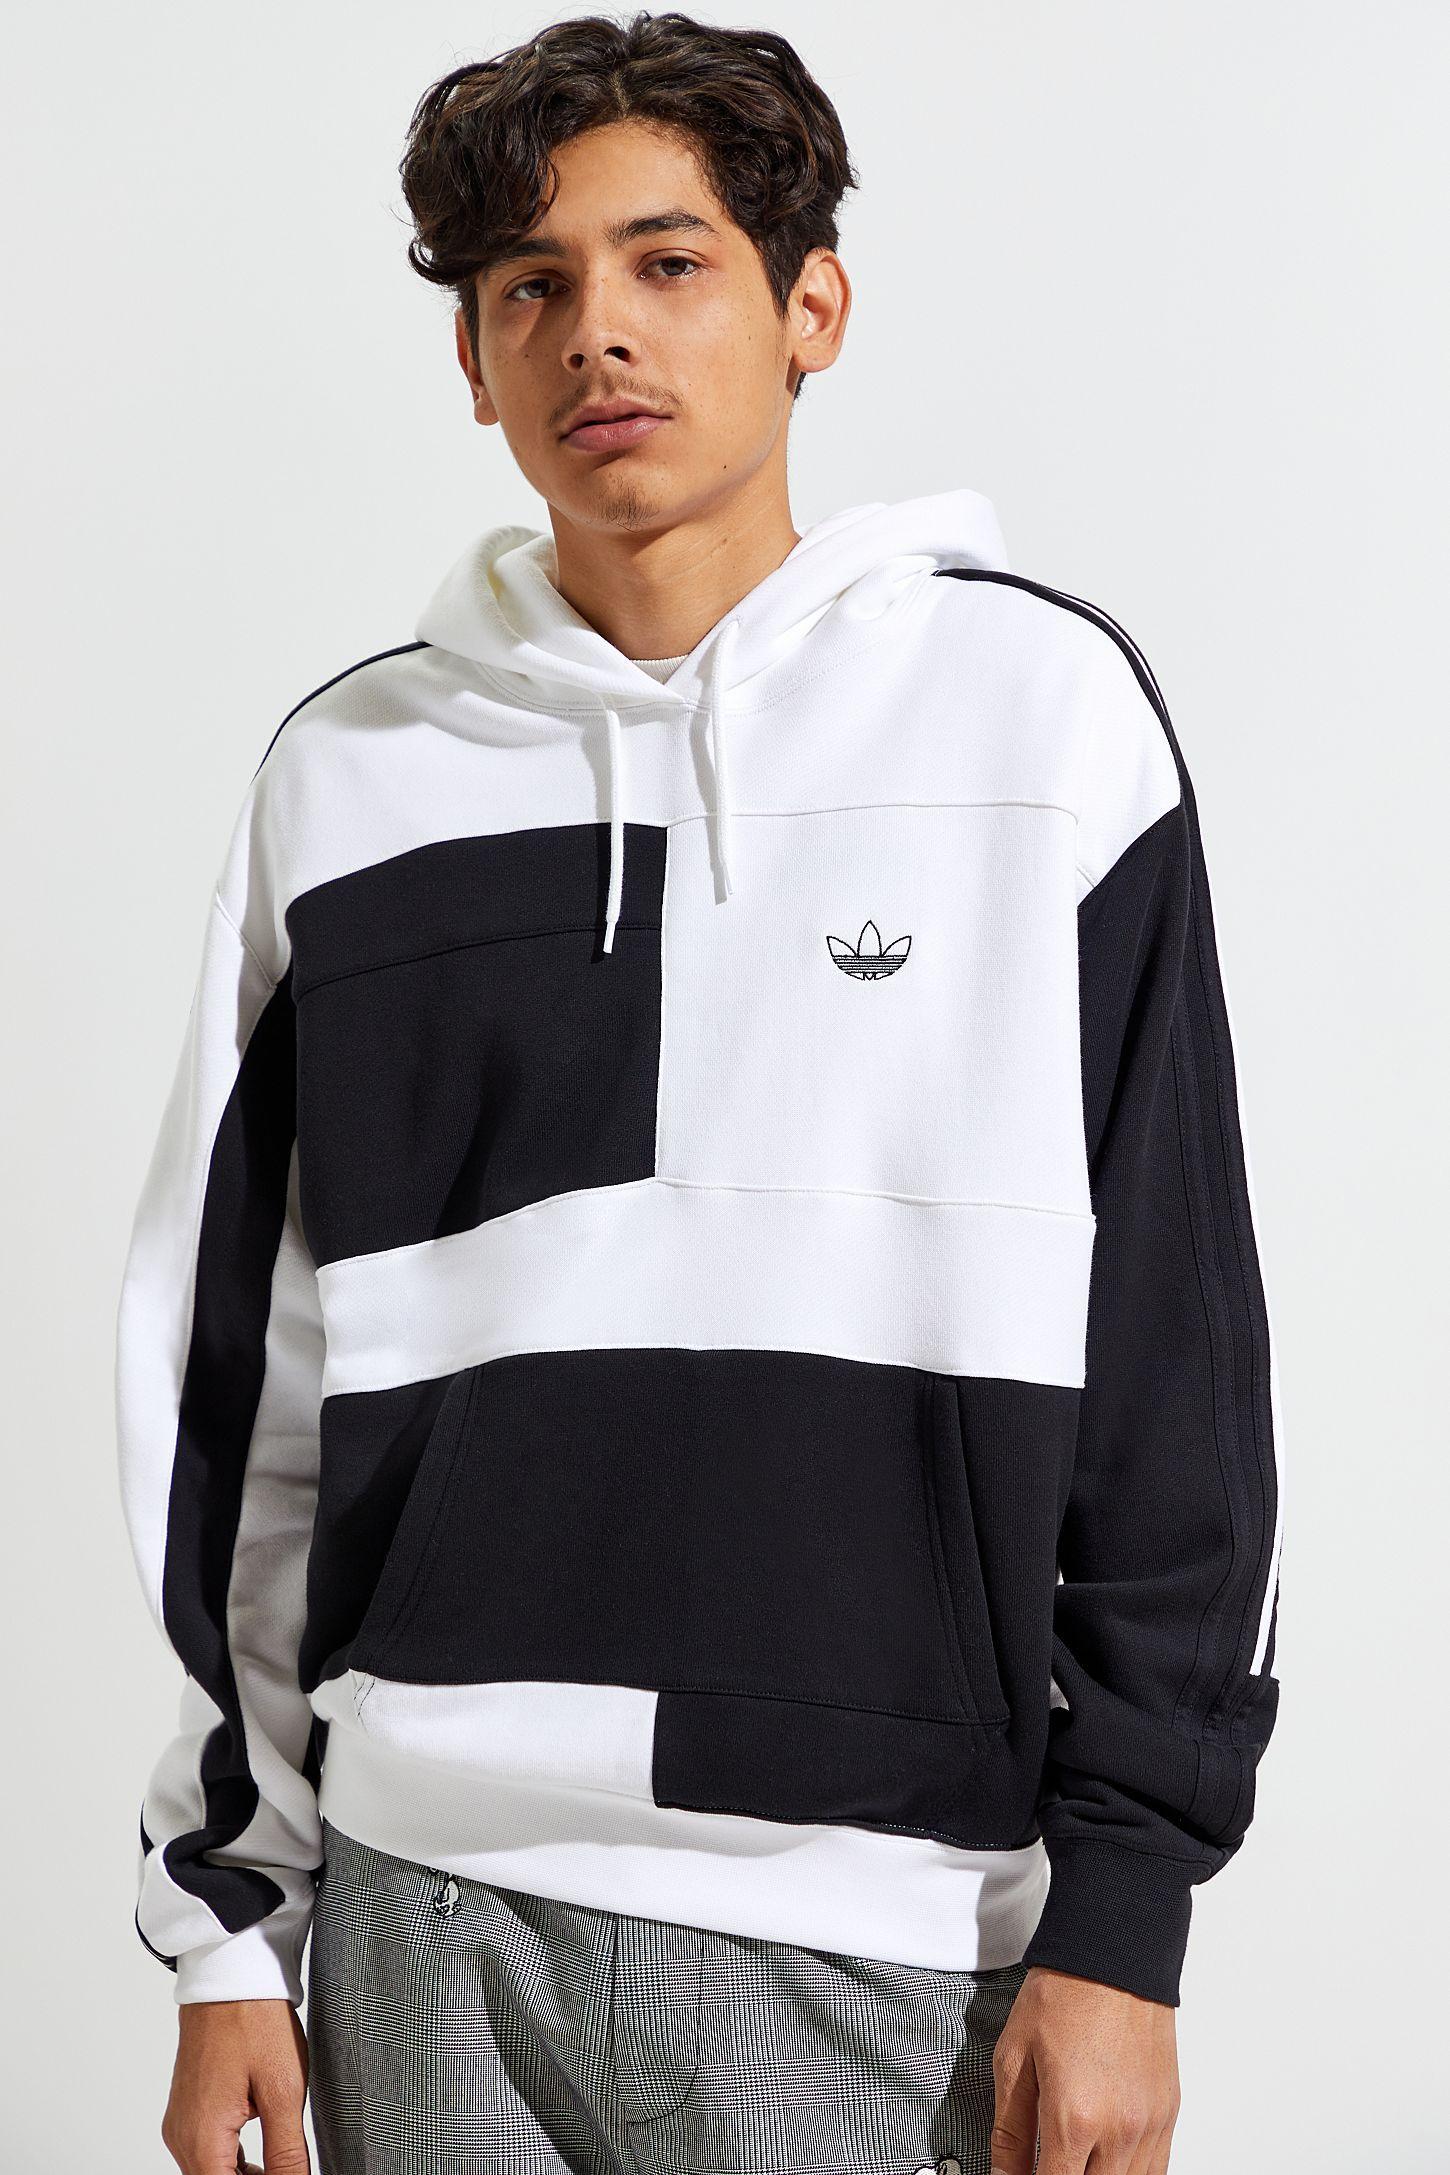 Adidas Asymmetrical Blocked Hoodie Sweatshirt Sweatshirts Hoodie Hoodies Sweatshirts [ 2175 x 1450 Pixel ]